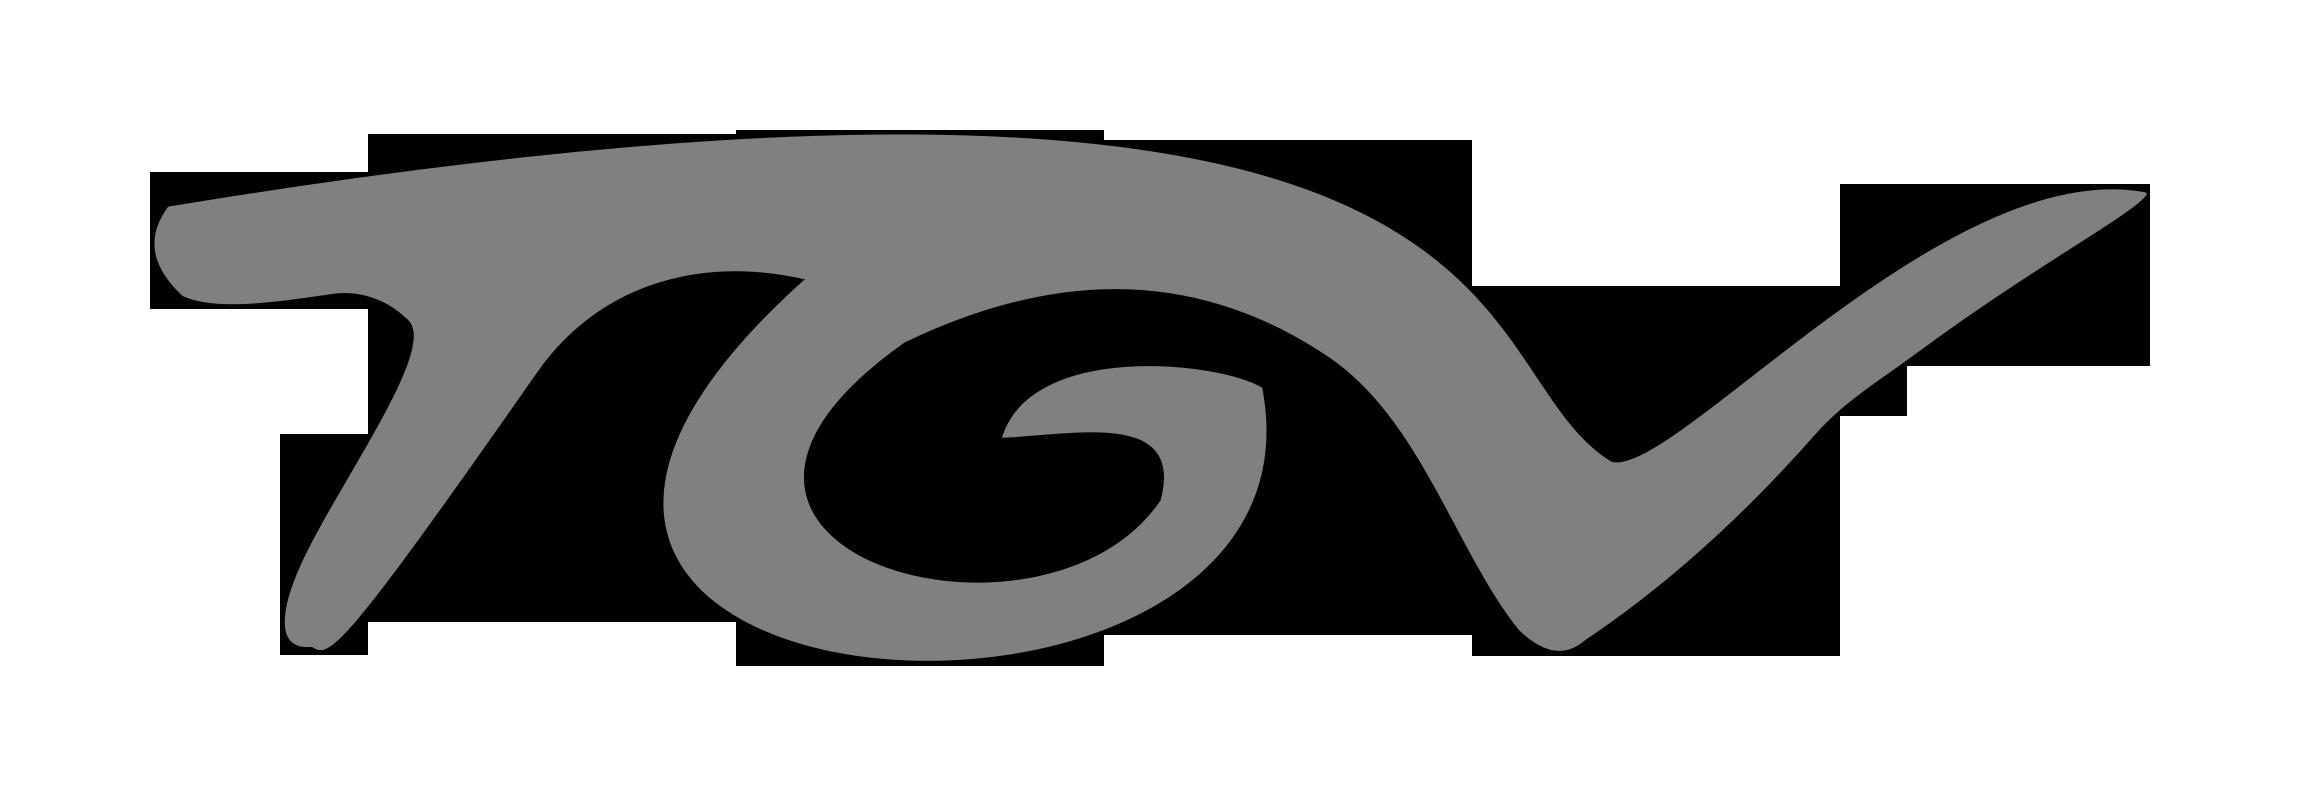 logo tgv tous les logos